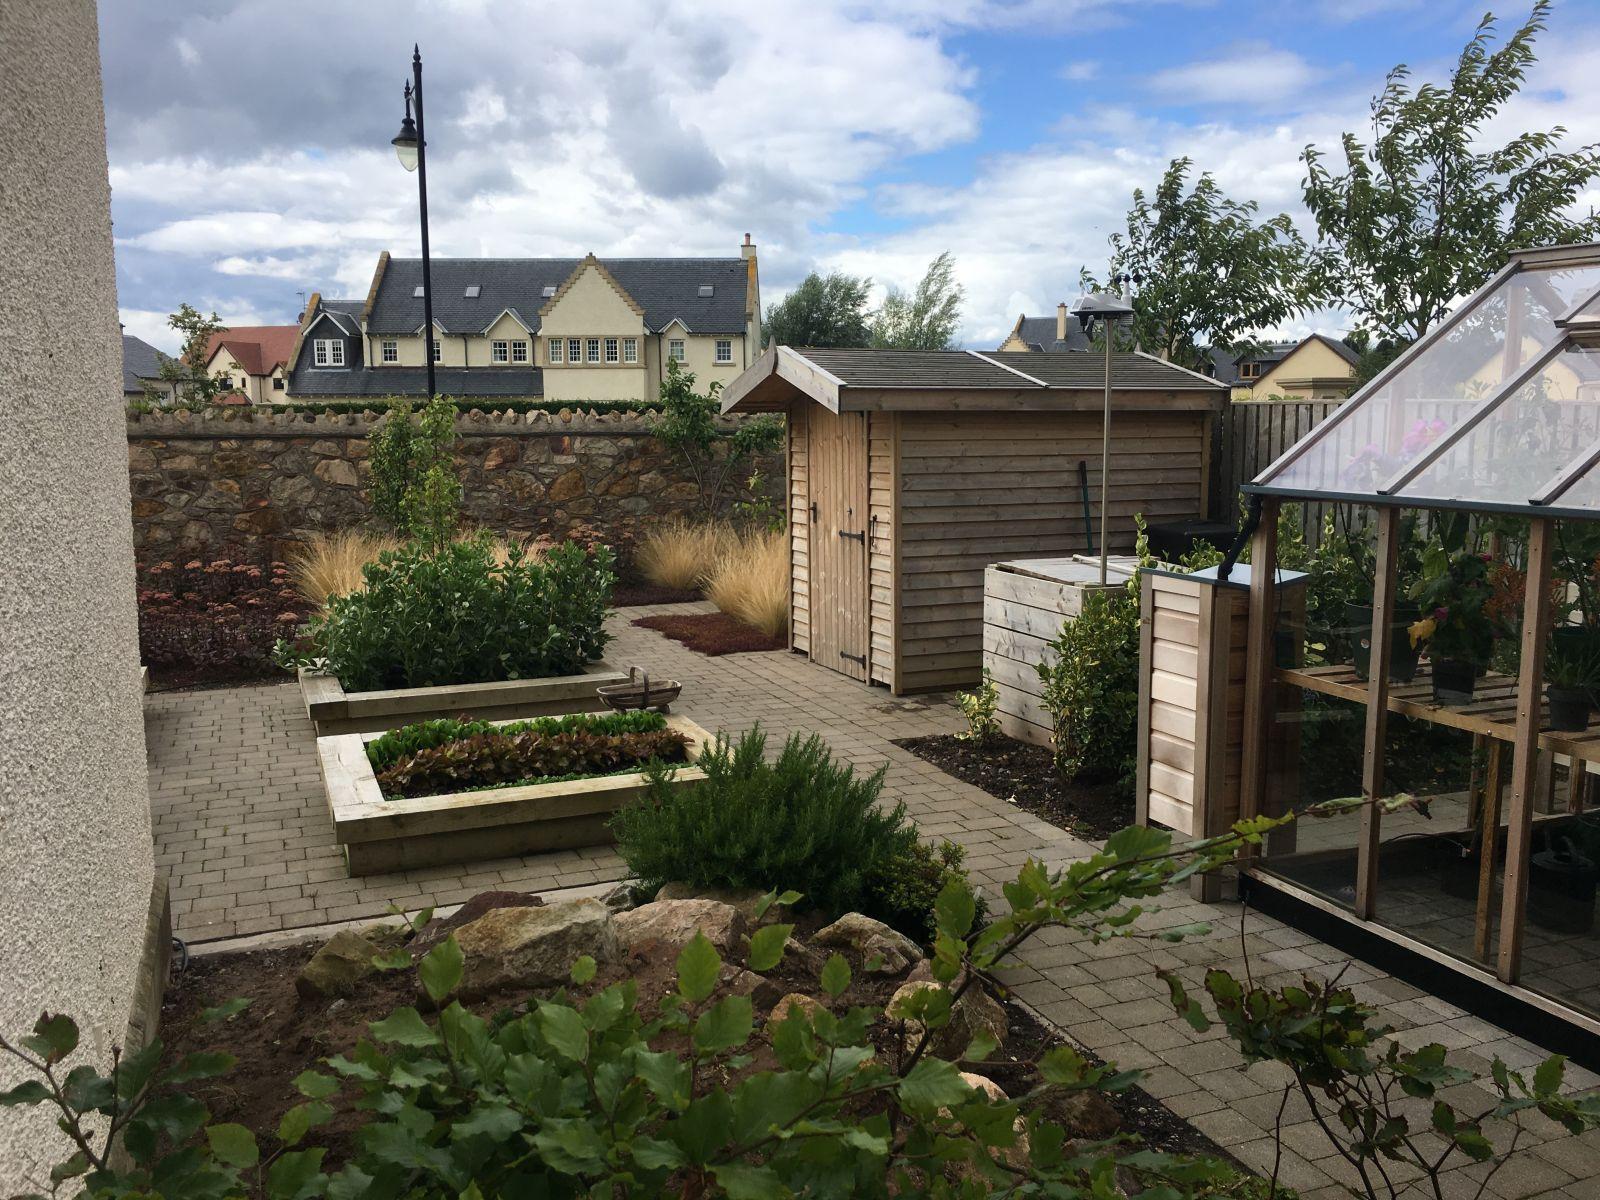 Garden Landscaping - Gardening Services Edinburgh